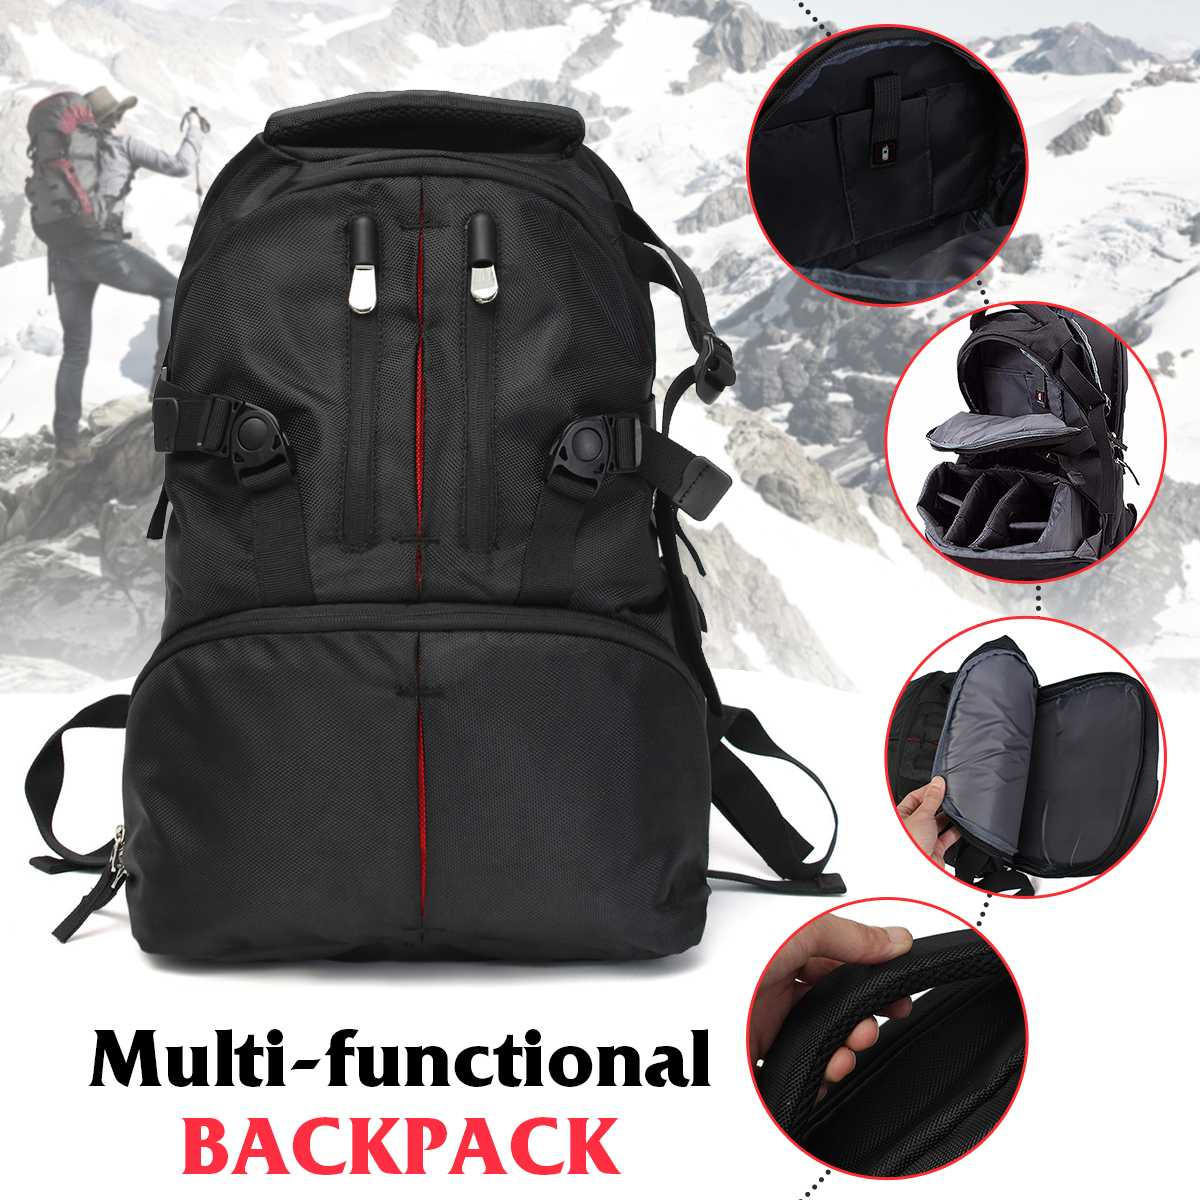 CLAITE противоударный водостойкий Универсальный SLR DSLR камера сумка для ноутбука чехол для объектива рюкзак черный почти все DSLR камеры s